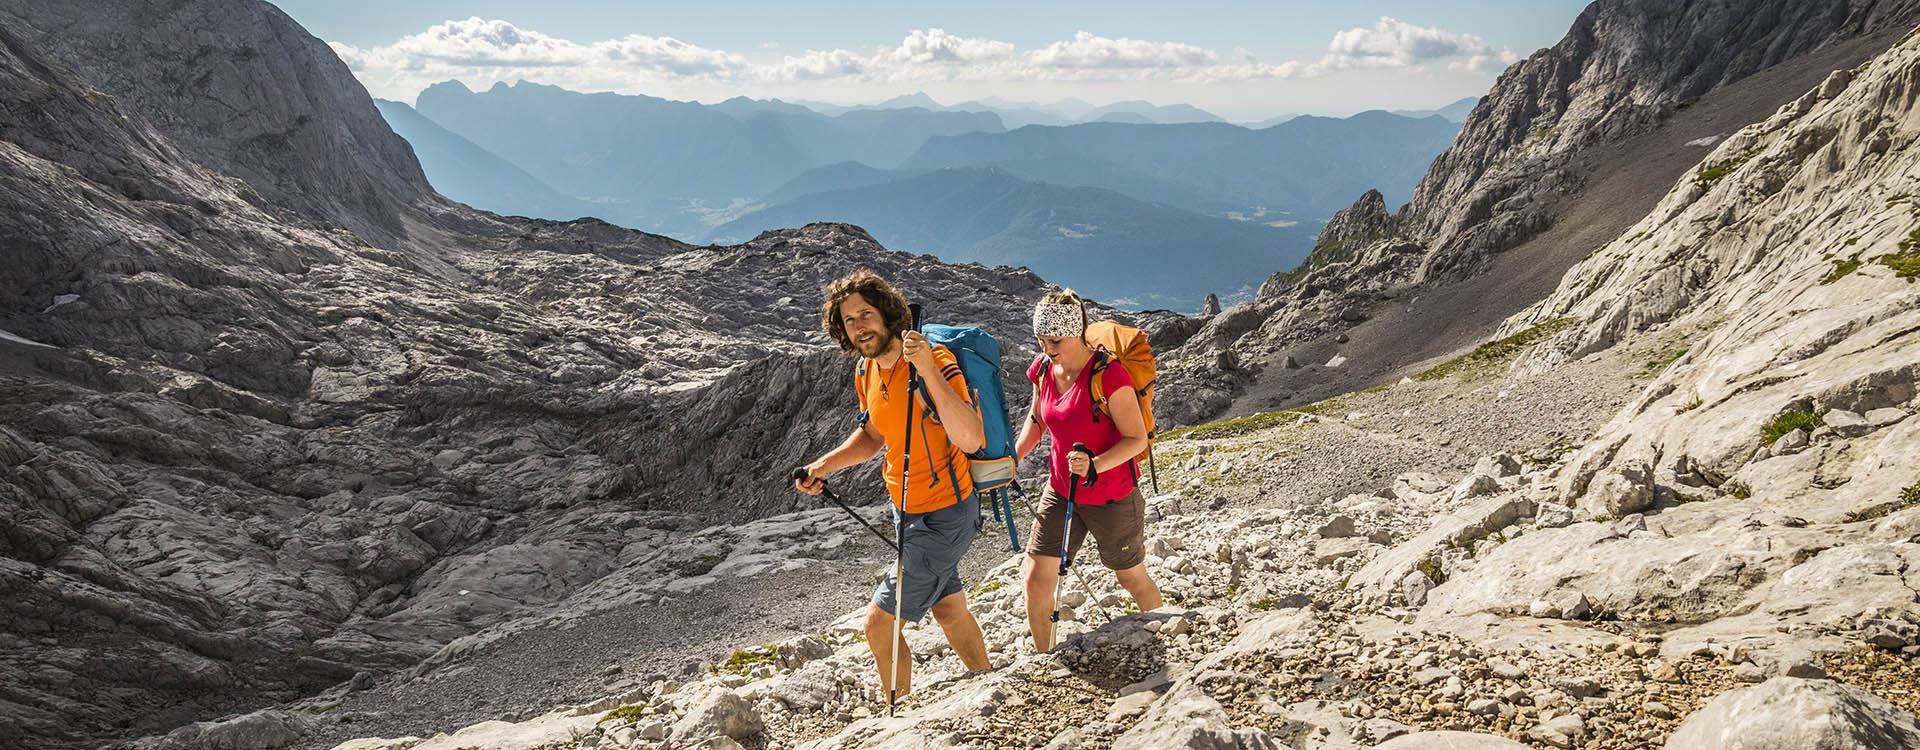 alpenueberquerung-mit-bergwanderfuehrer-der-alpinschule